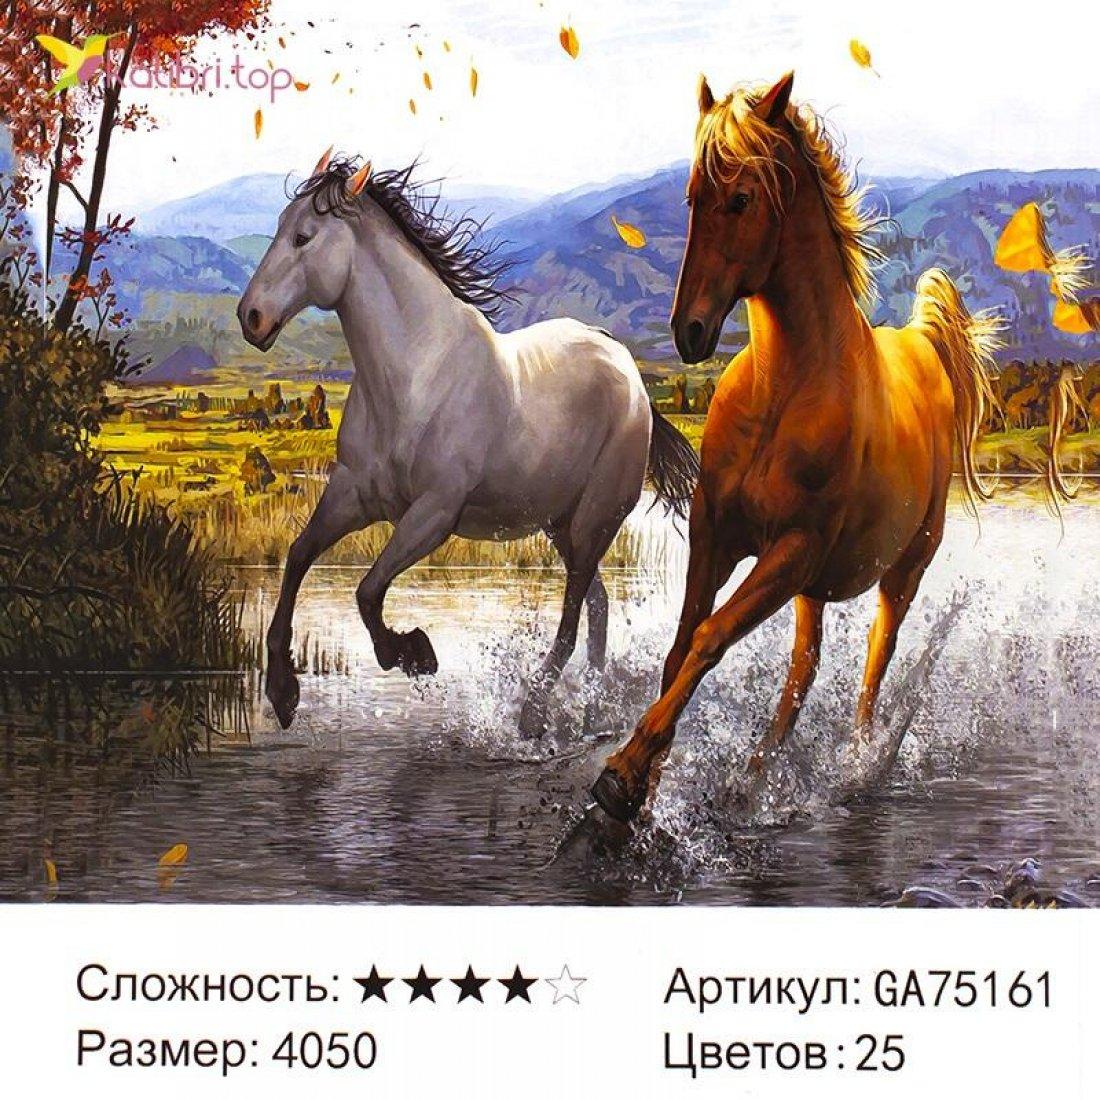 Алмазная мозаика по номерам Бег Коней 40*50 см оптом фото 11